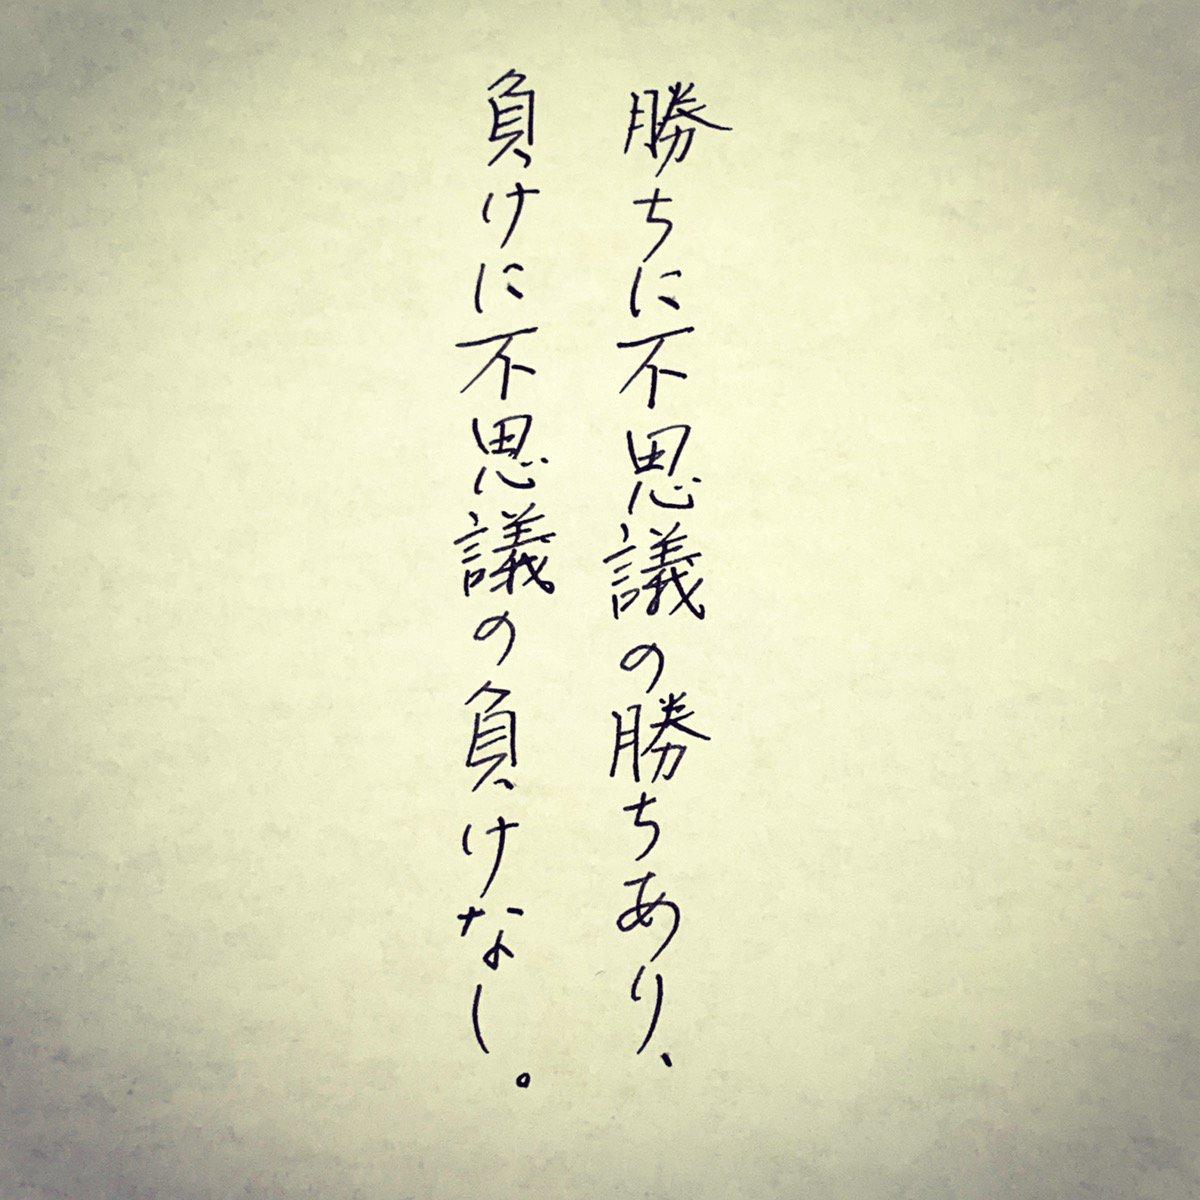 松岡 修造 名言 壁紙